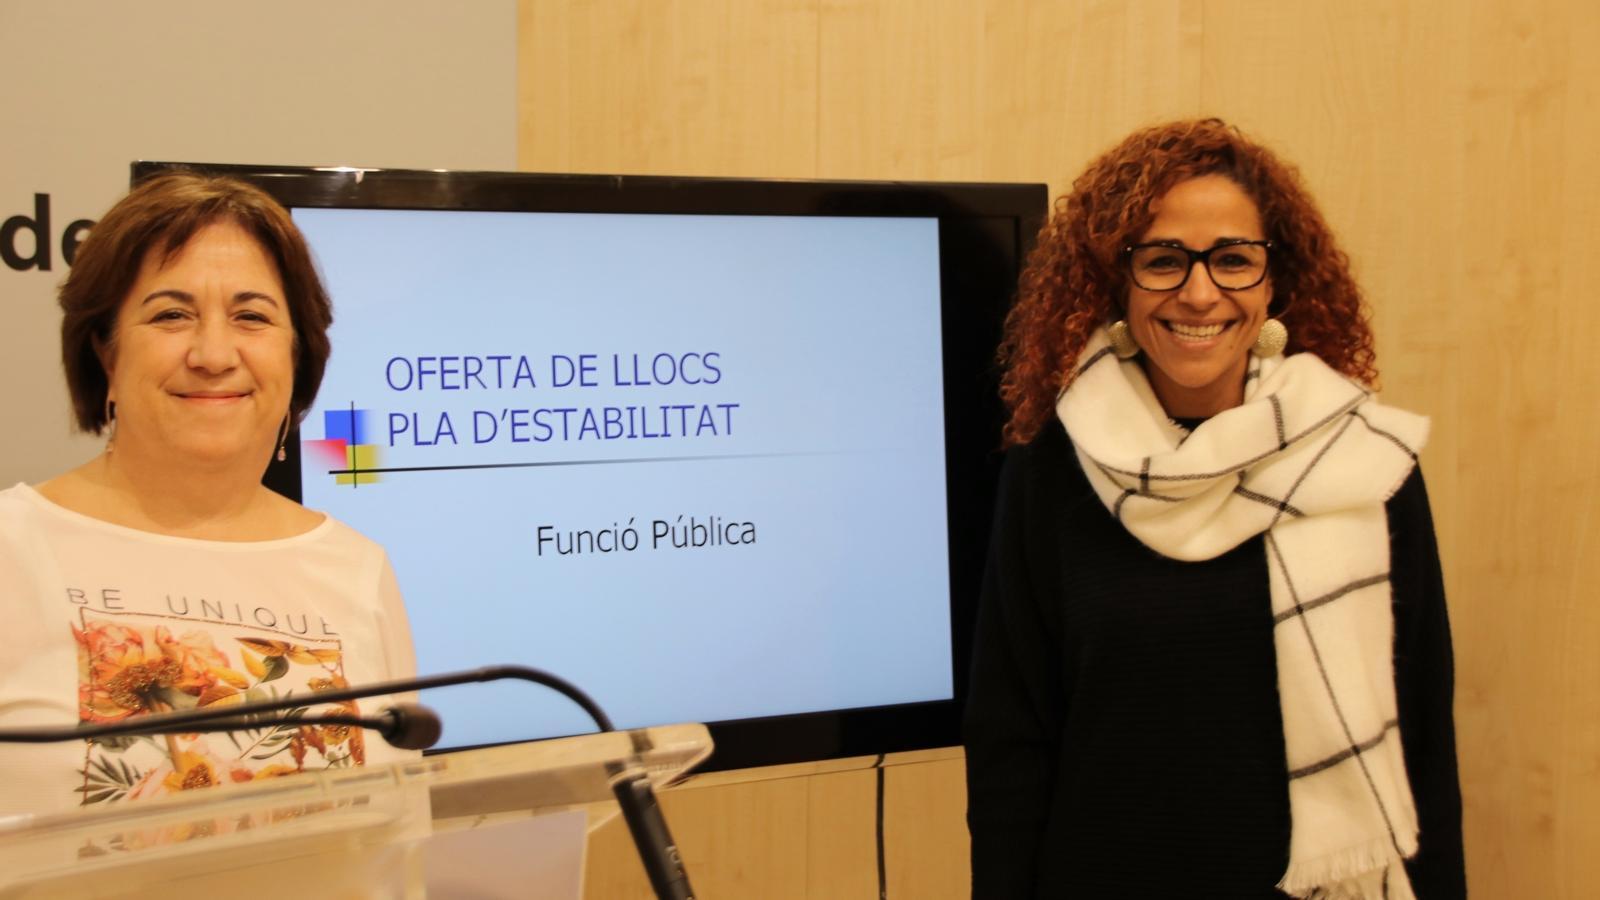 La directora general de Funció Pública, Joana Maria Adillon, i Aurora Jhardi, Tinent de batle de Funció Pública i Govern Interior